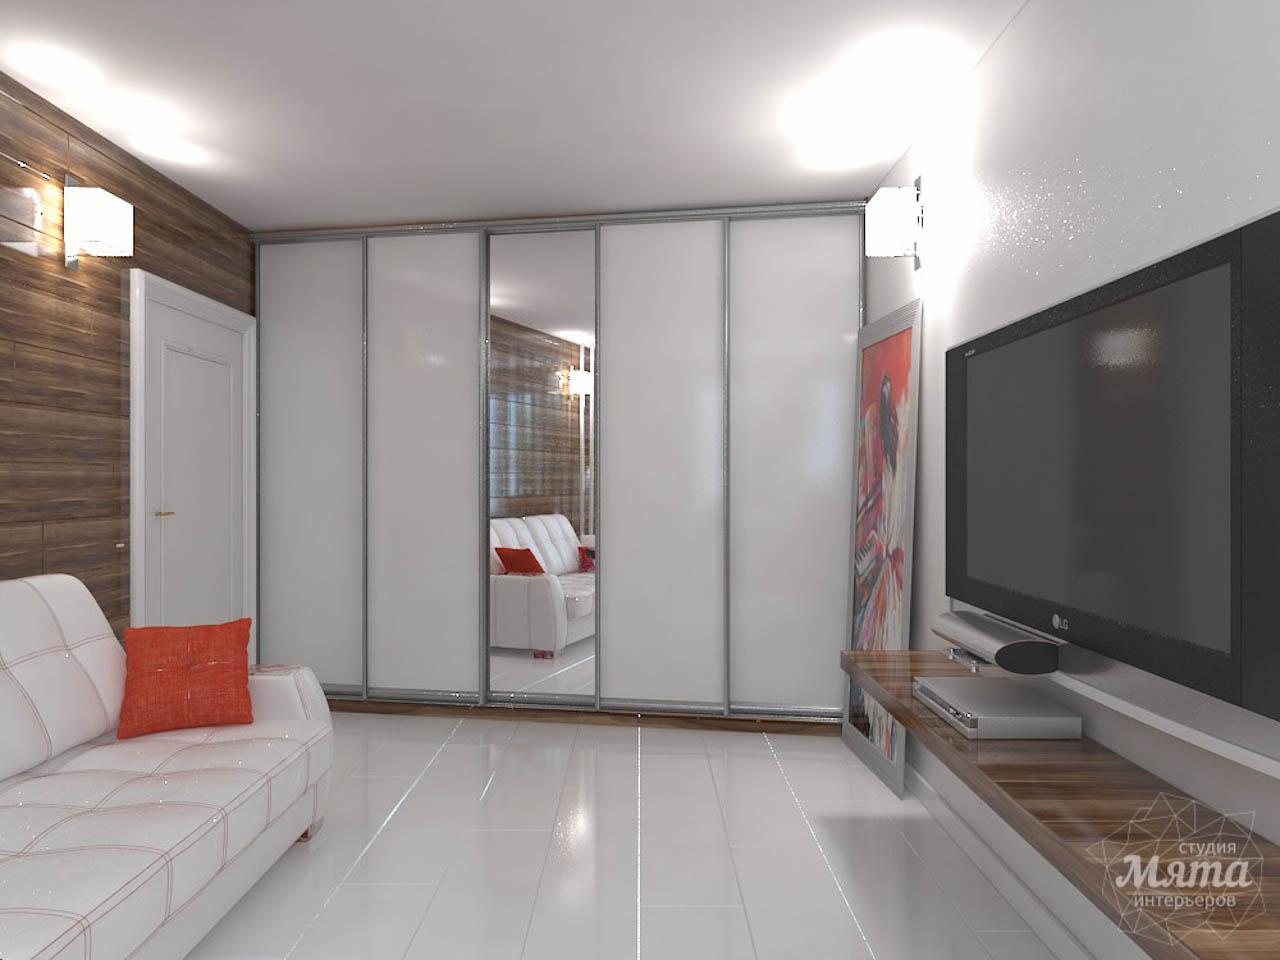 Дизайн интерьера однокомнатной квартиры в стиле минимализм по ул. Чапаева 30 img1773126341